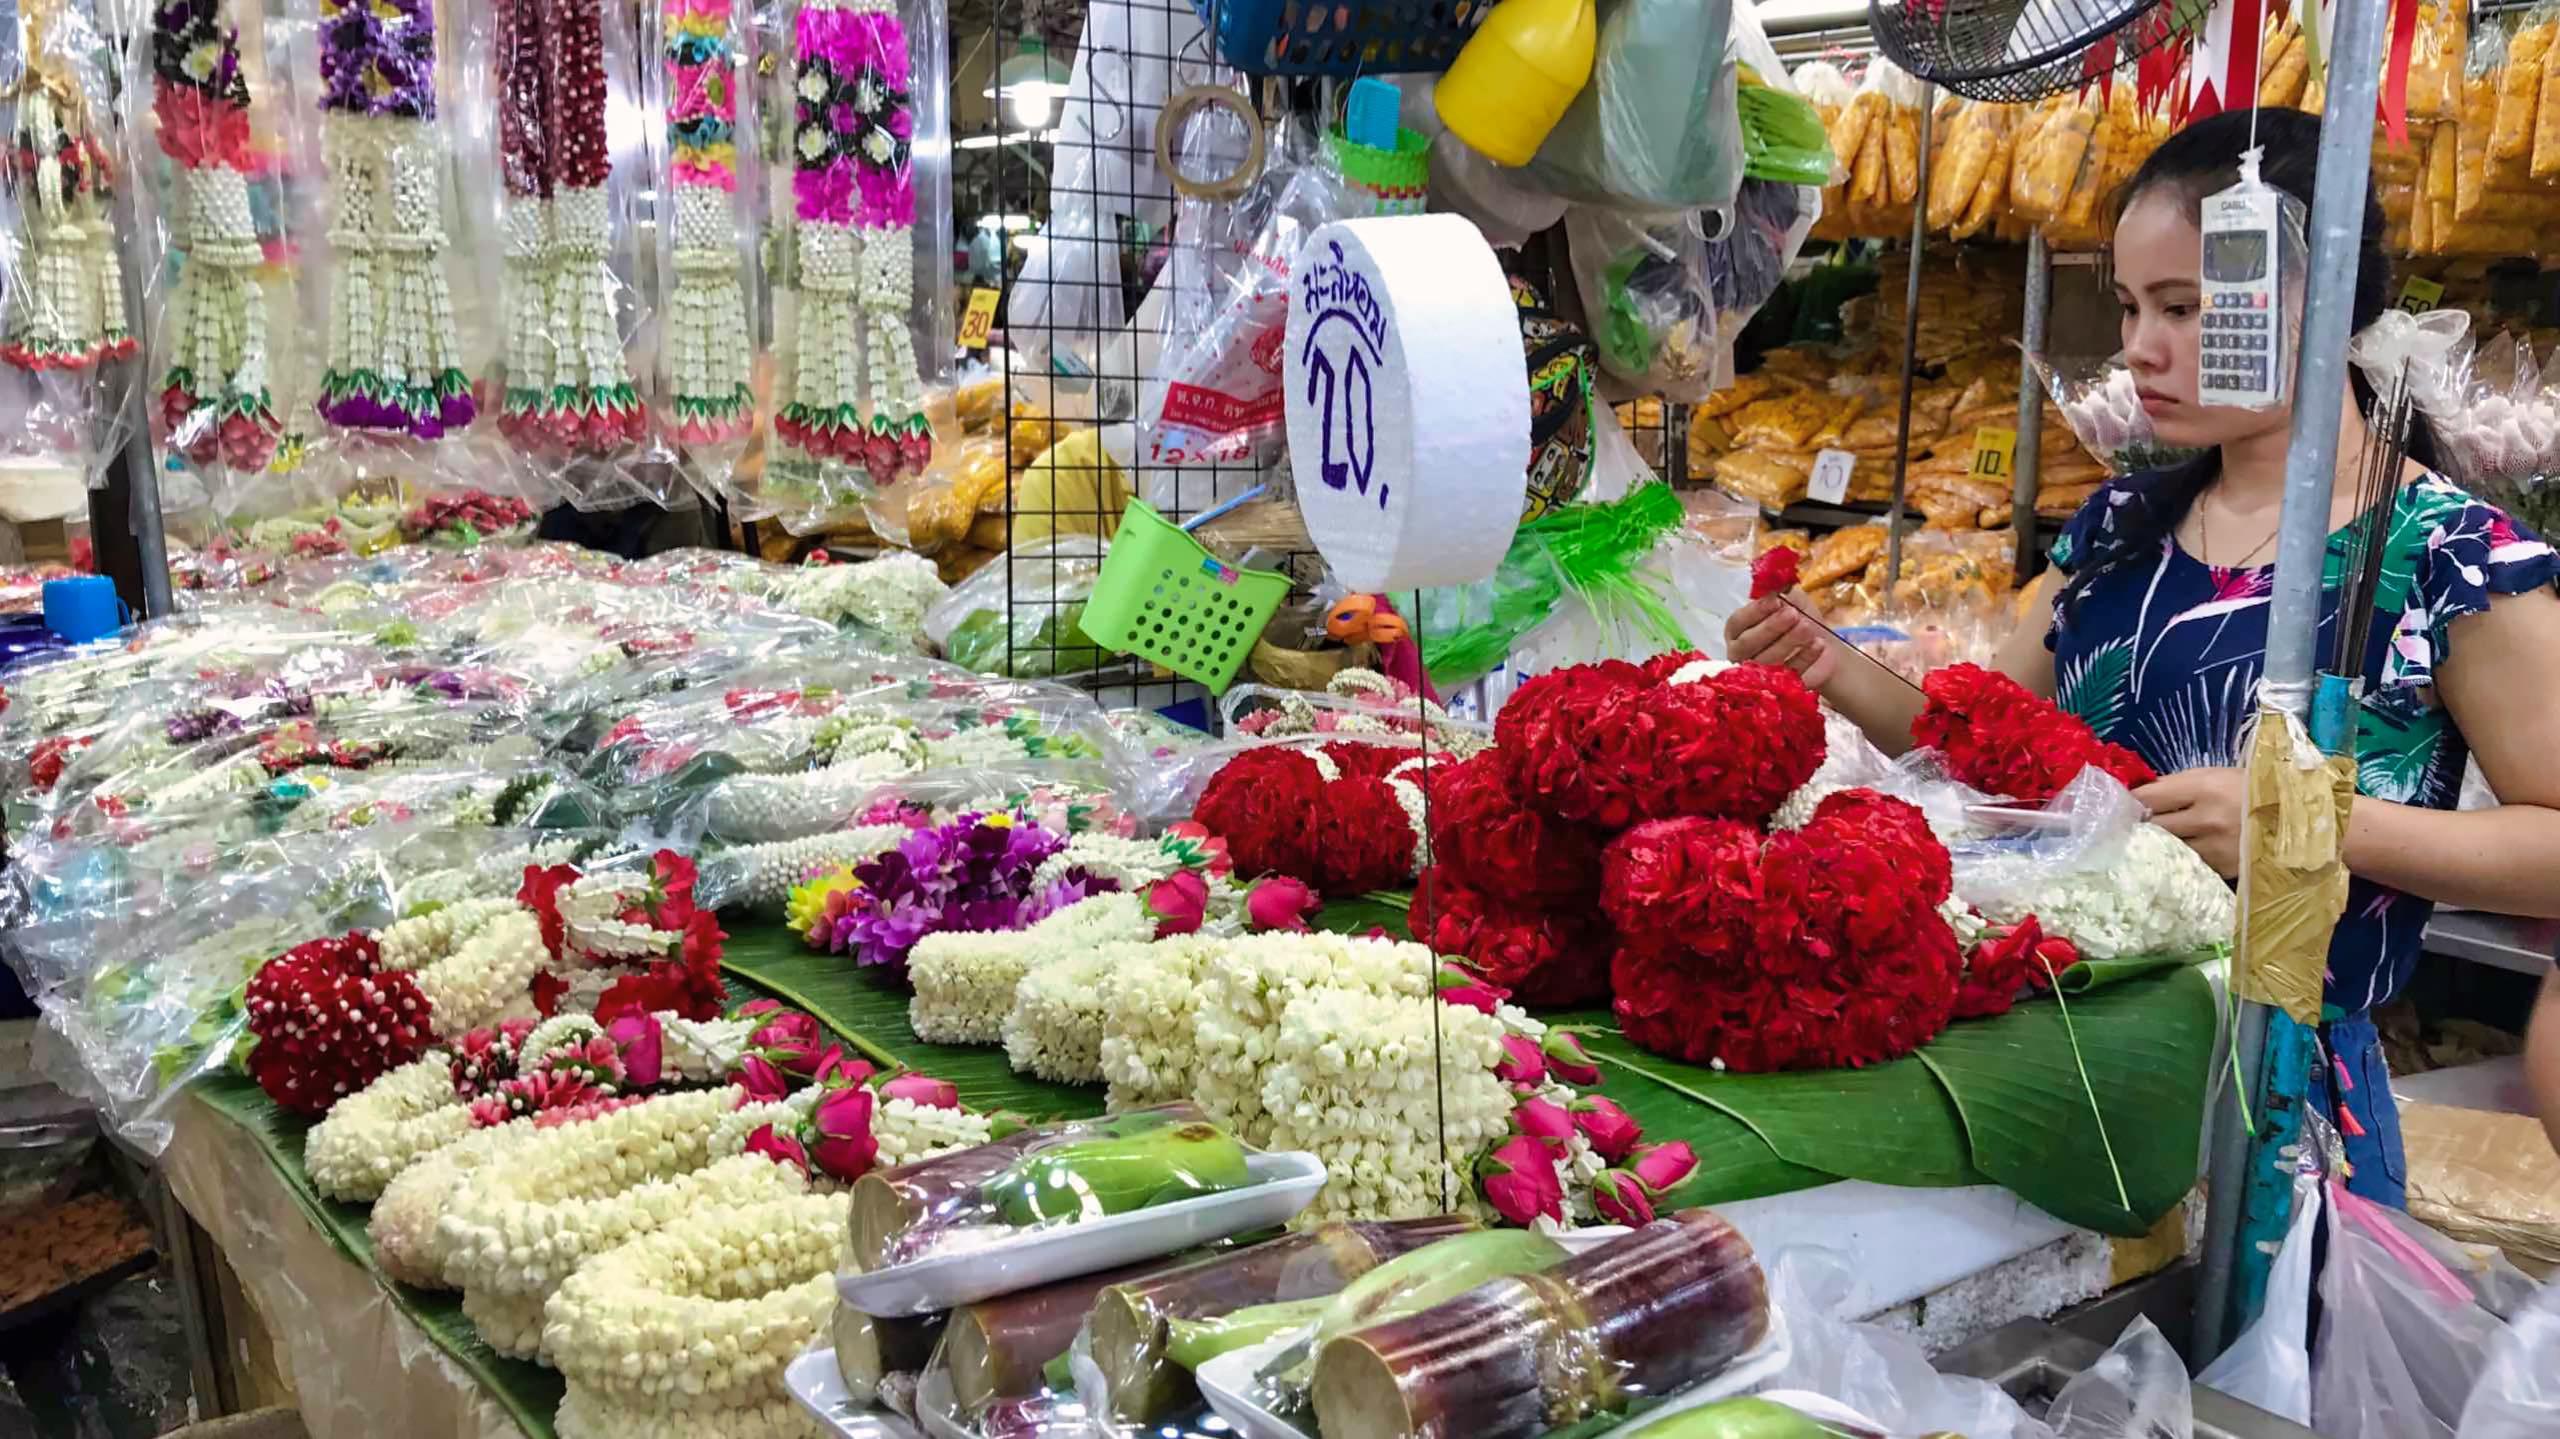 """Bunt und duftend, soweit das Auge reicht. Der größte Blumenmarkt Thailands, """"Flower Market""""."""